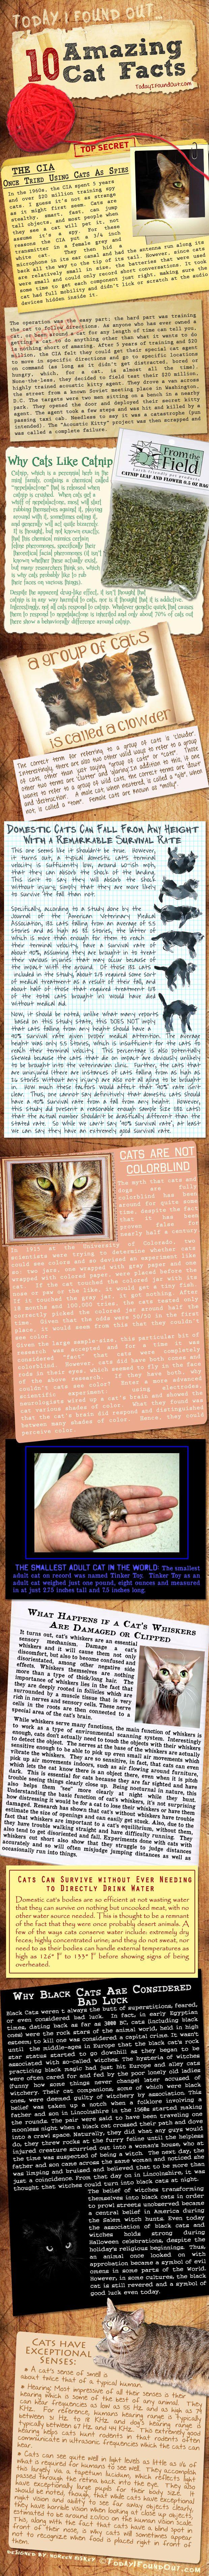 10 Amazing Cat Facts